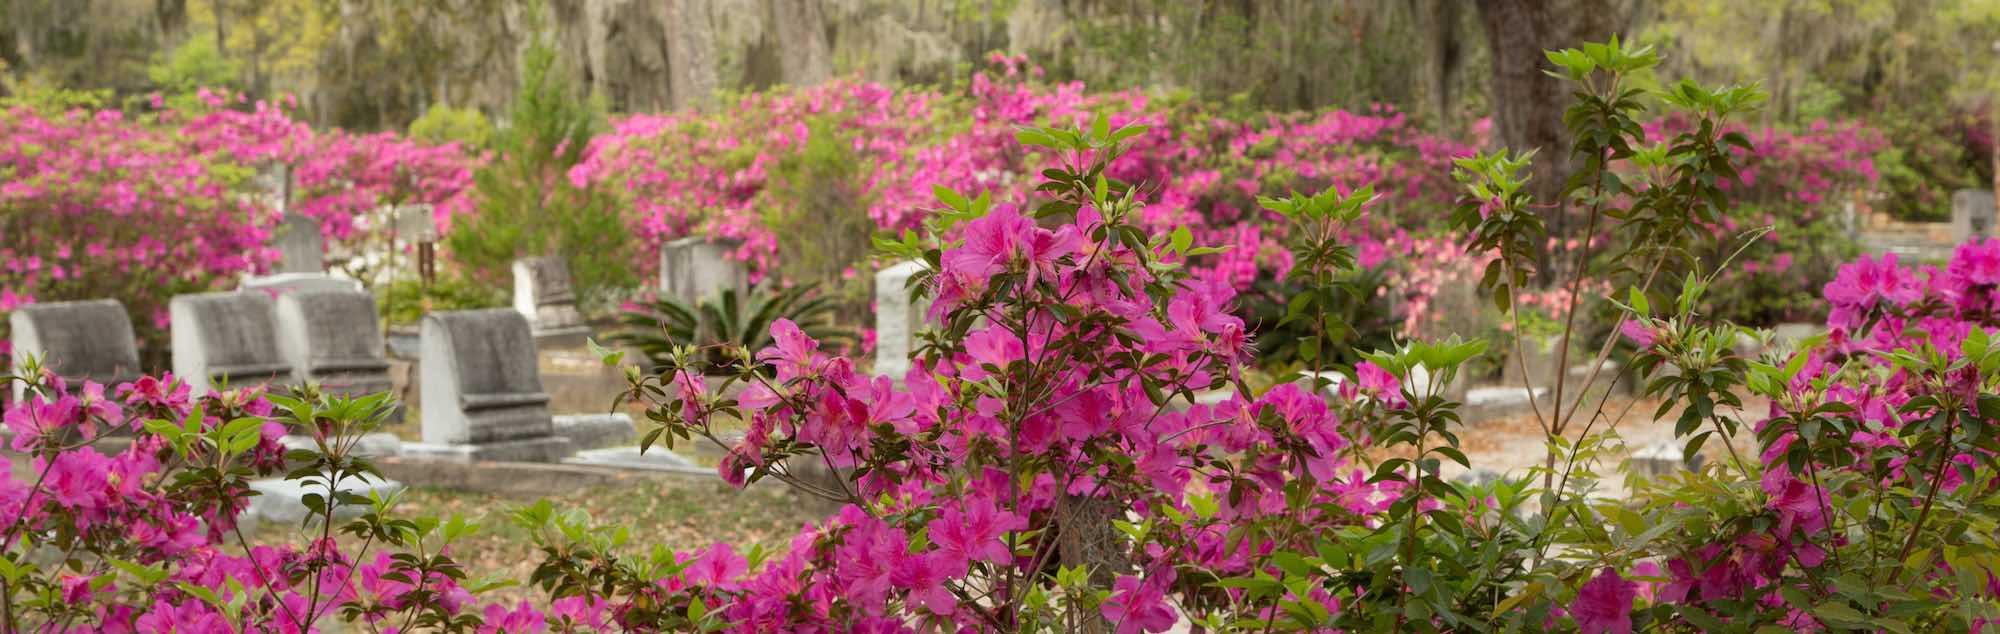 Azaleas in bloom in Savannah's Bonaventure Cemetery.